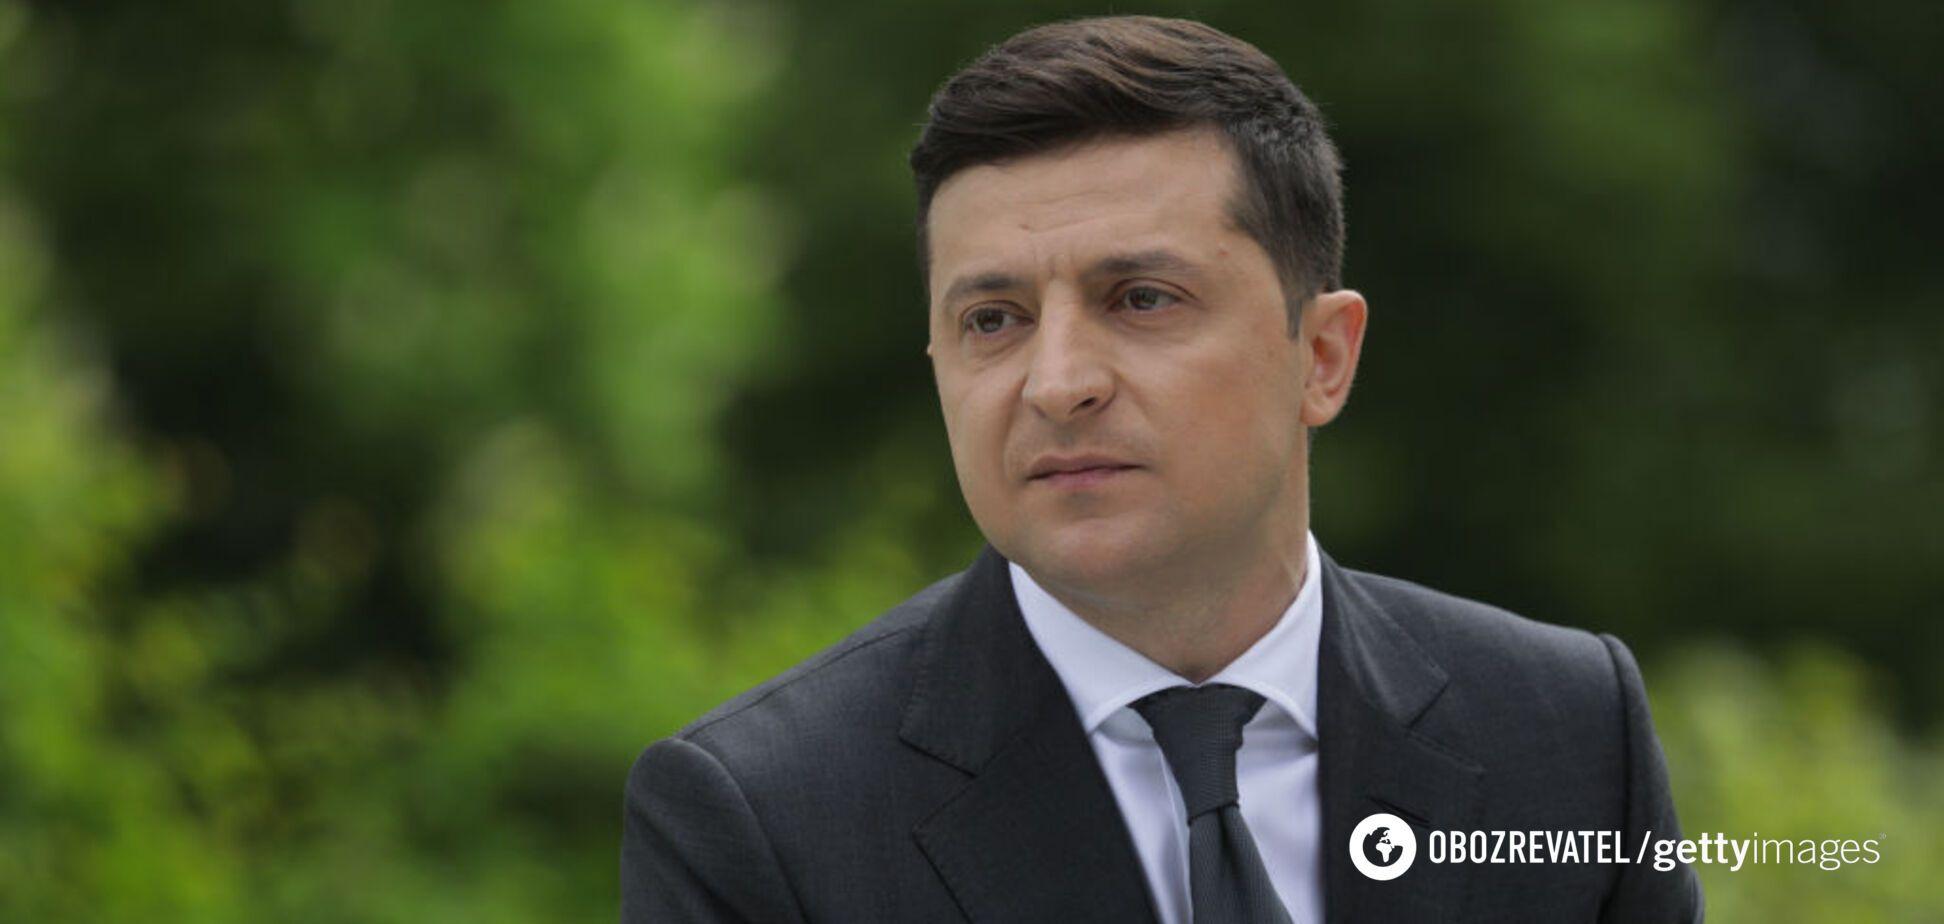 Слова Зеленського про Порошенка нагадали часи Януковича - ЗМІ